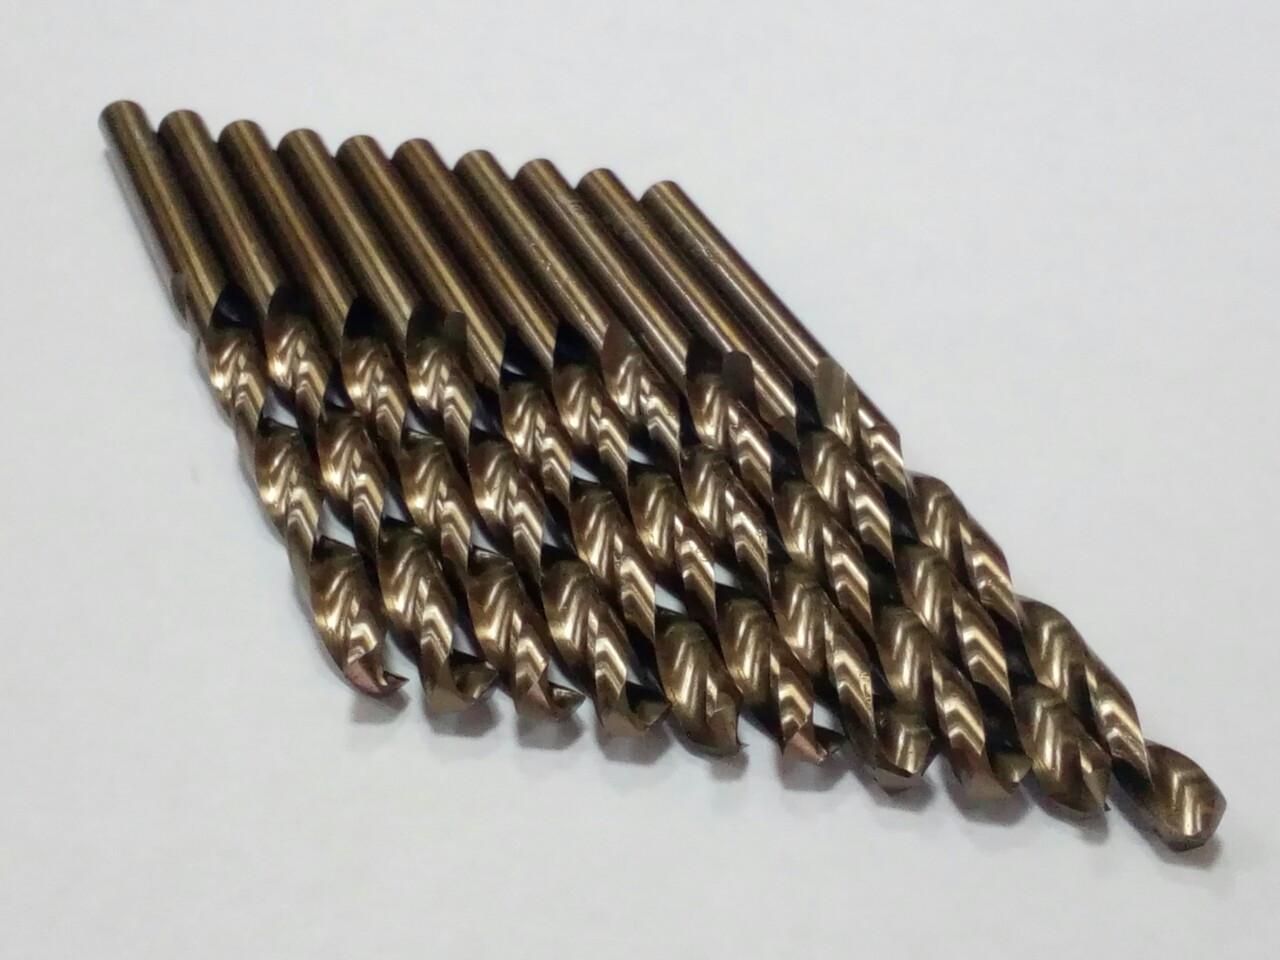 Сверло по НЕРЖАВЕЙКЕ Р18 -  3,9мм (кобальт) // ГОСТ-10902 (DIN338 G-Co)